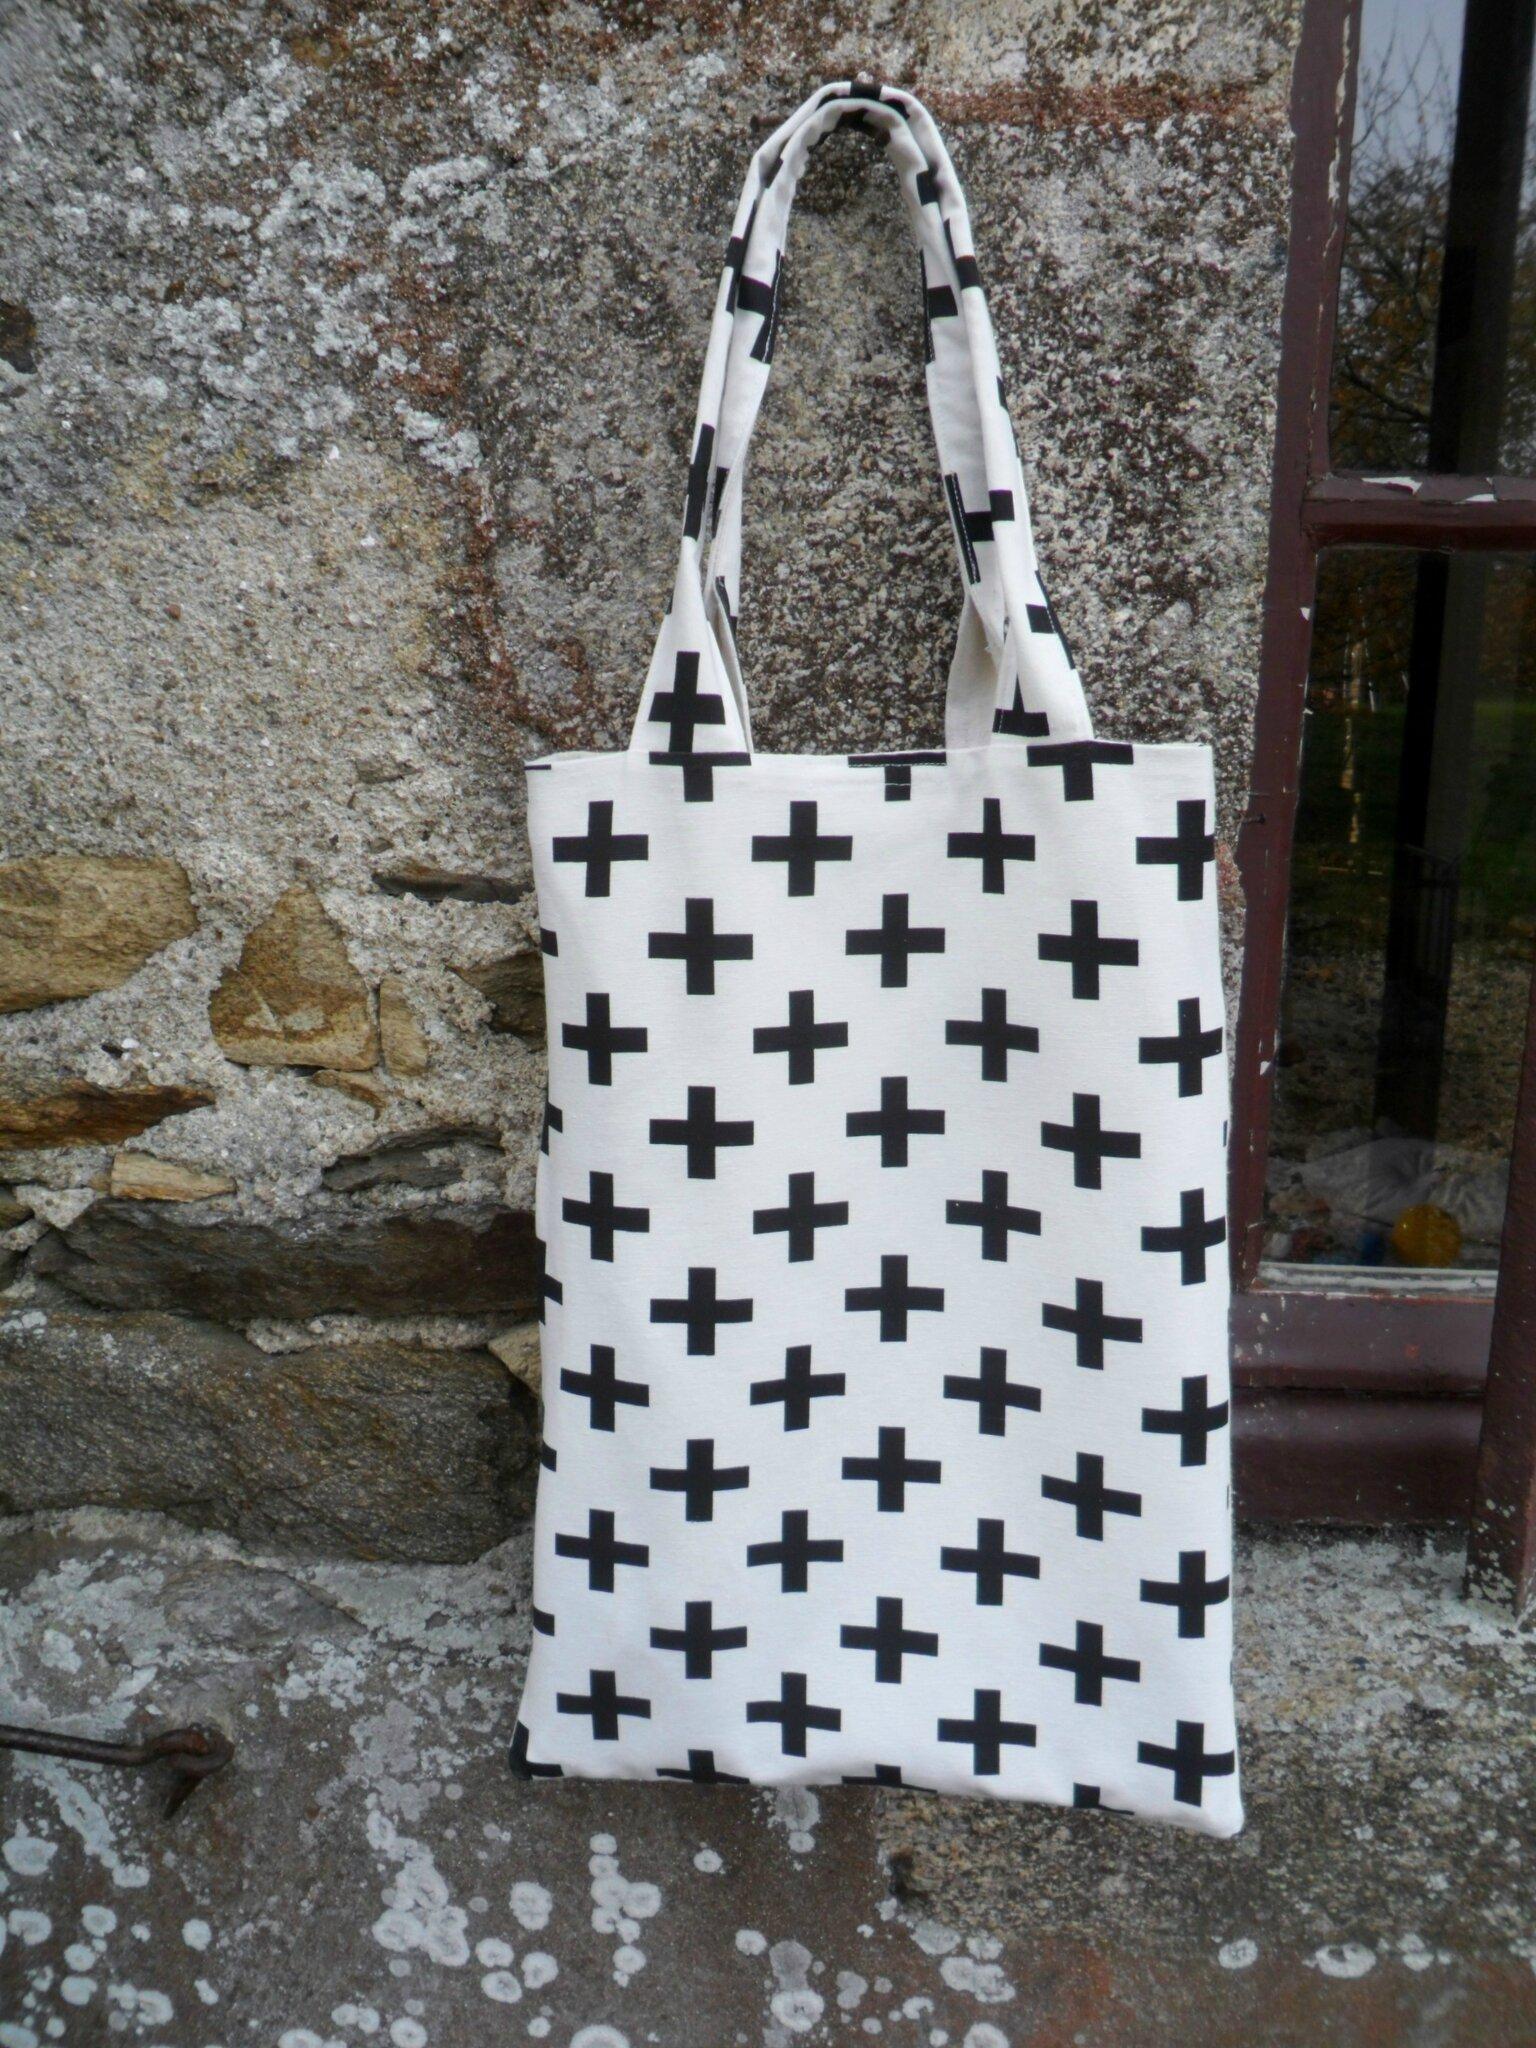 Tote bag, sac cabas tissu Cross, croix Black and White 35€ port inclus via Mondial Relay contacter l'auteur pour commander ou laisser un commentaire sous la photo